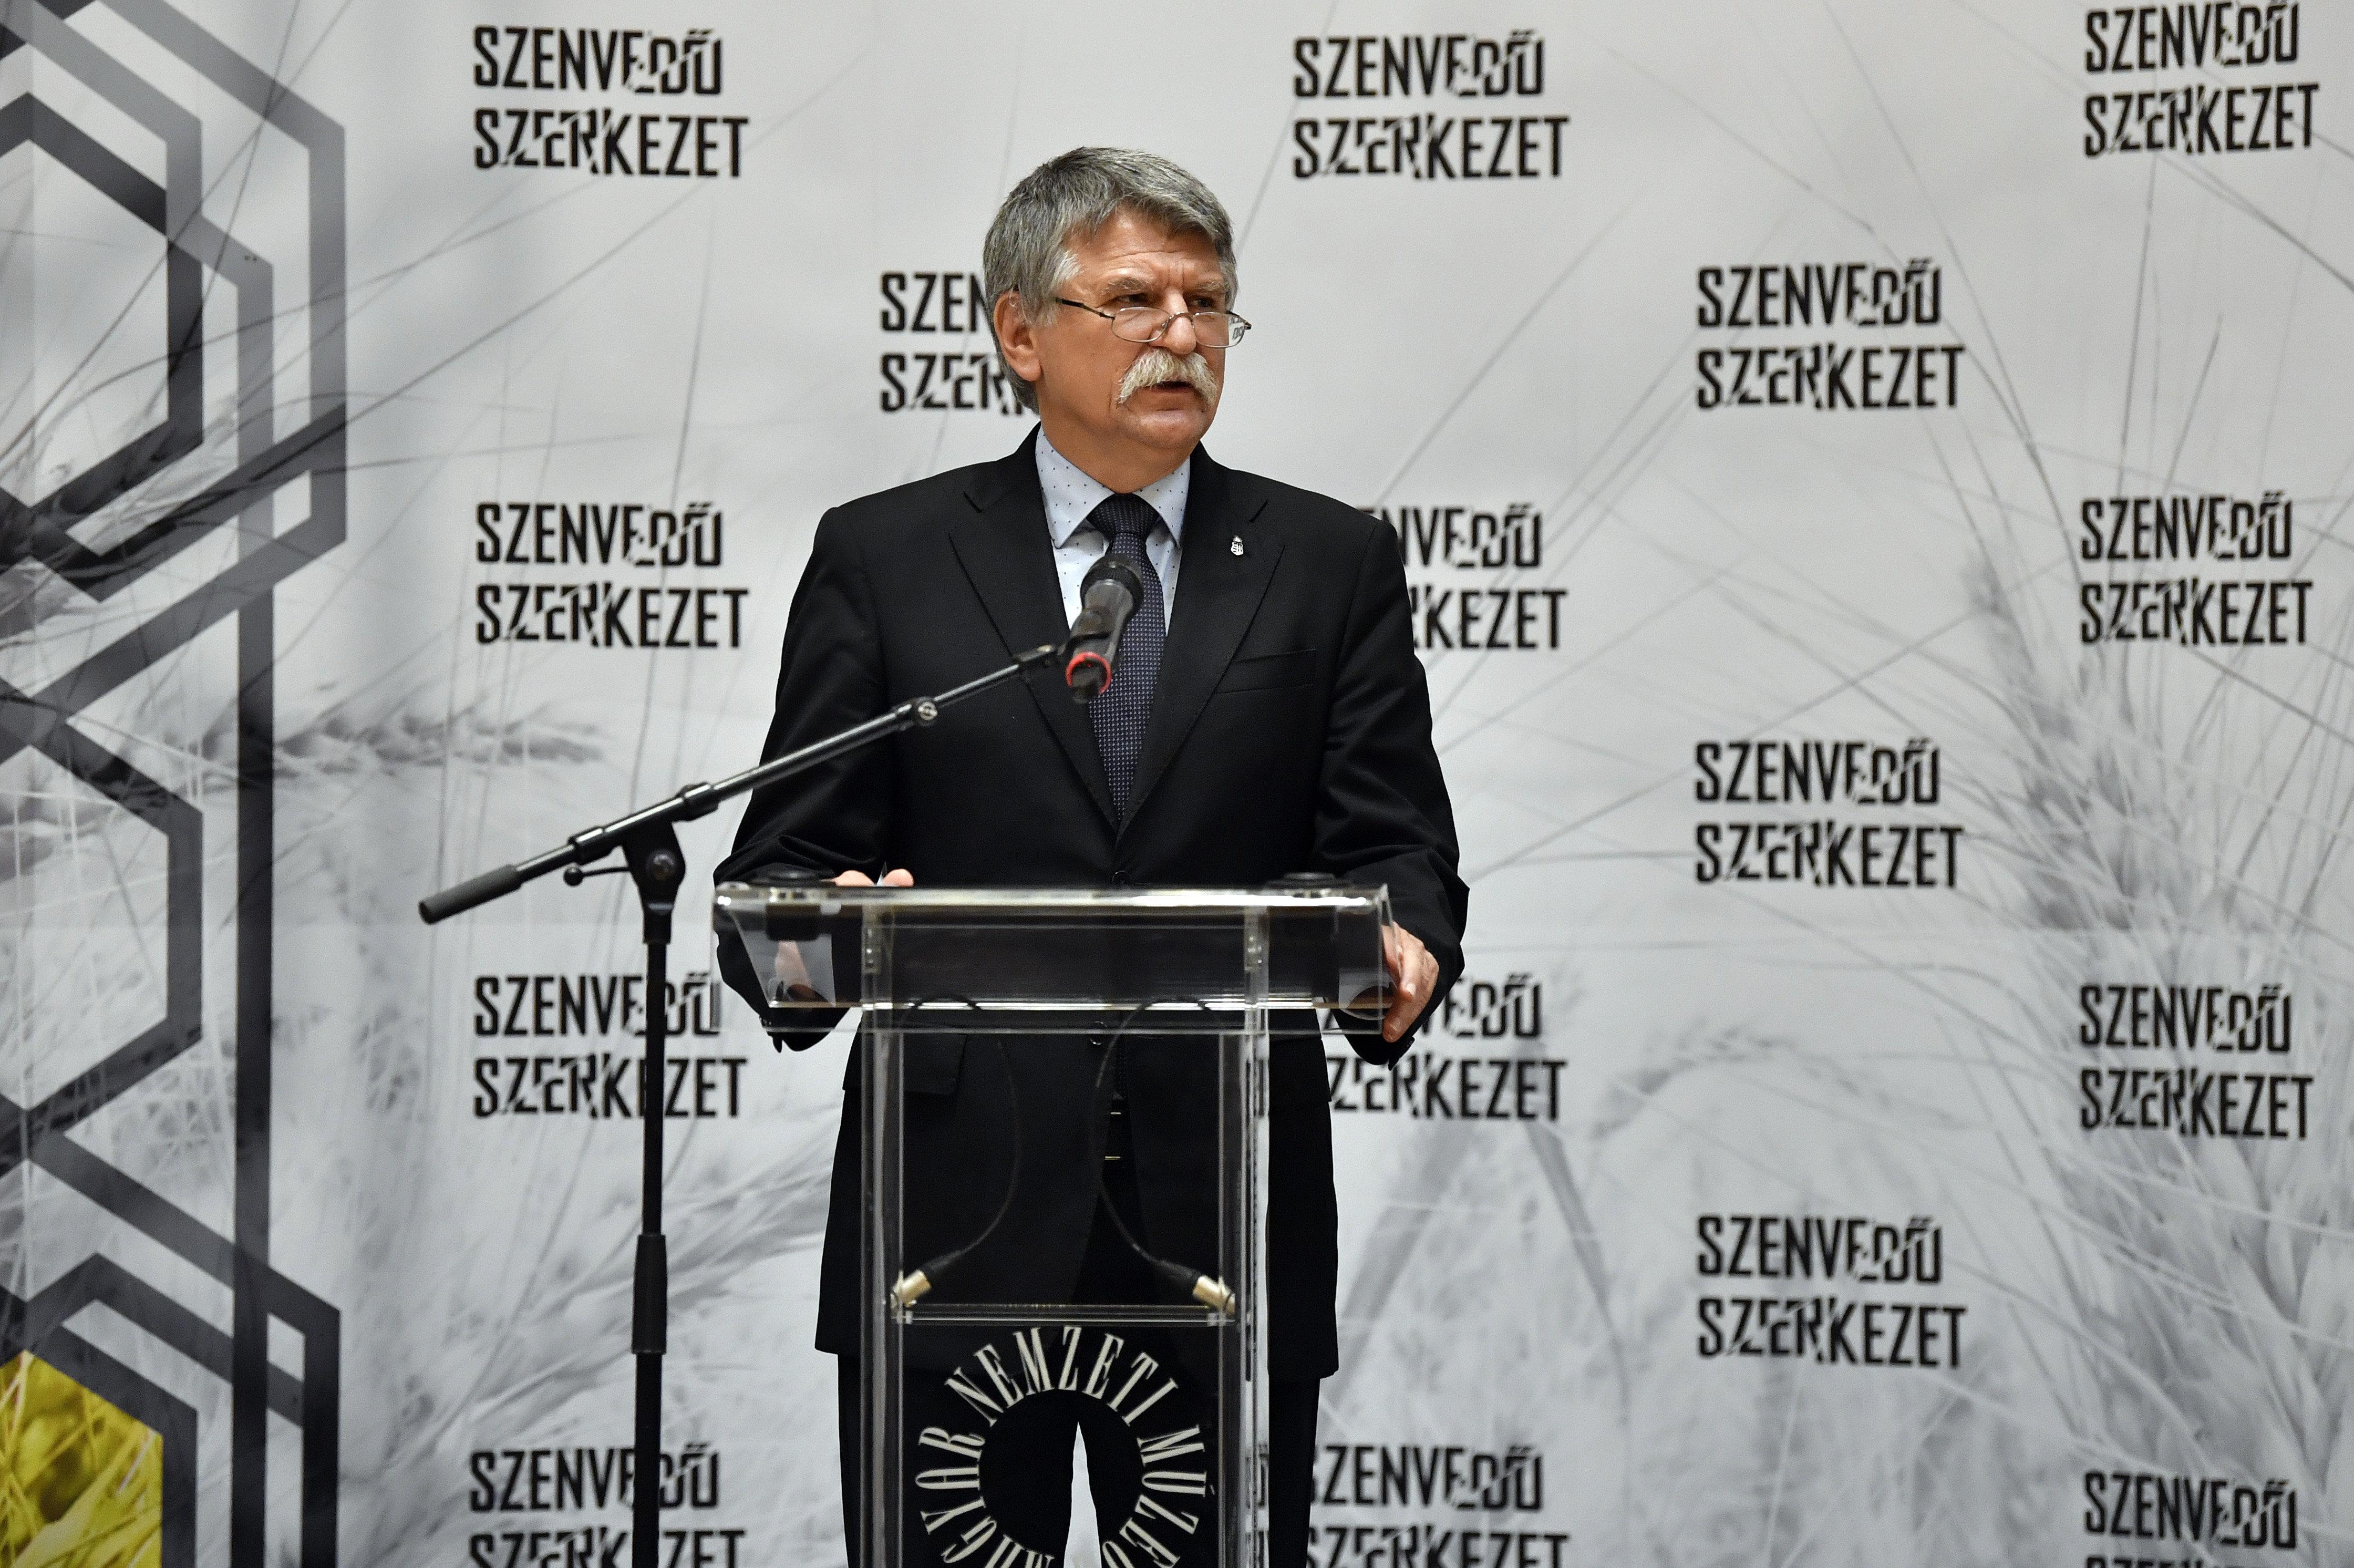 Kövér László: Trianon nem pusztán egy lezáratlan múltbéli magyar történet, hanem egy jelenbeni és jövőbeni európai ügy is